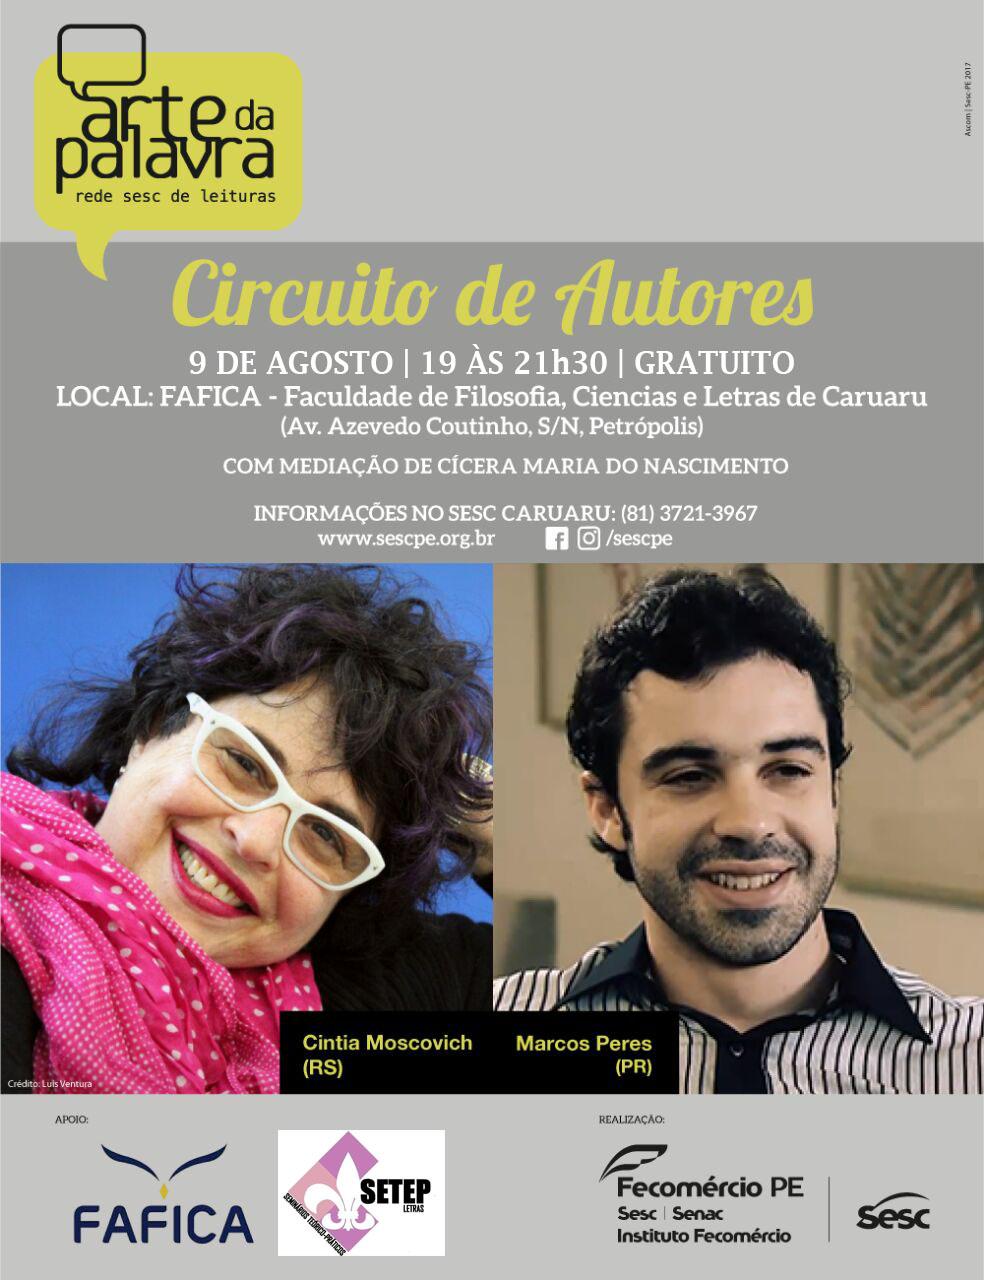 CIRCUITO GRANDES AUTORES 09 DE AGOSTO